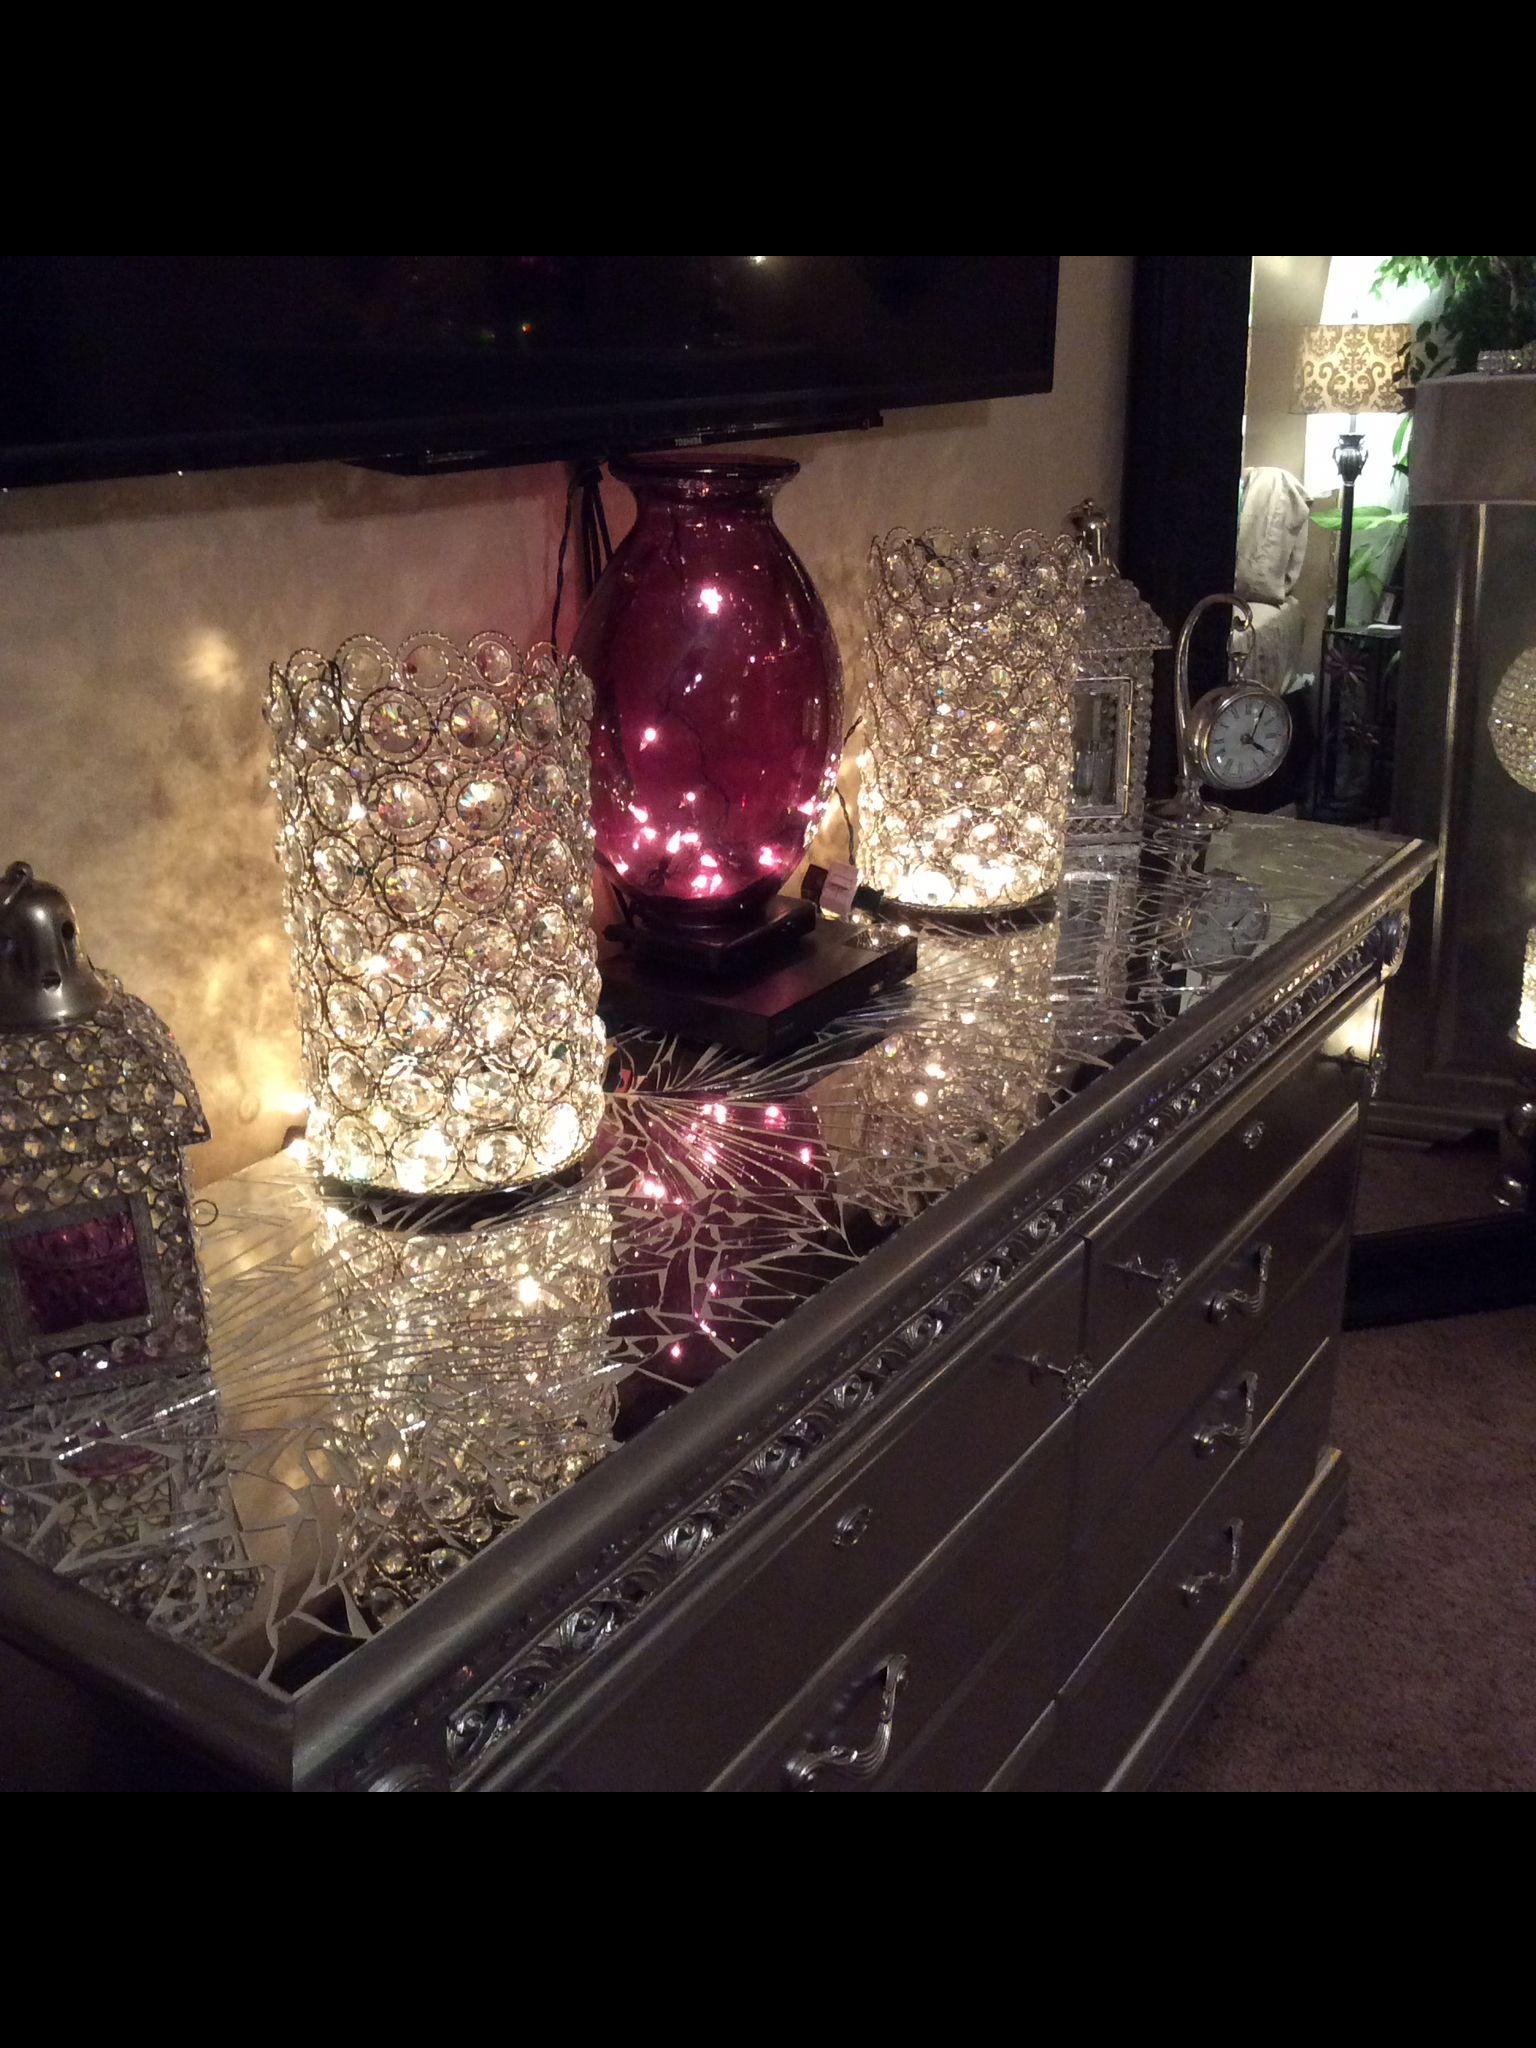 Top of dresser done in mirror mosaic | Diy mirror dresser ...